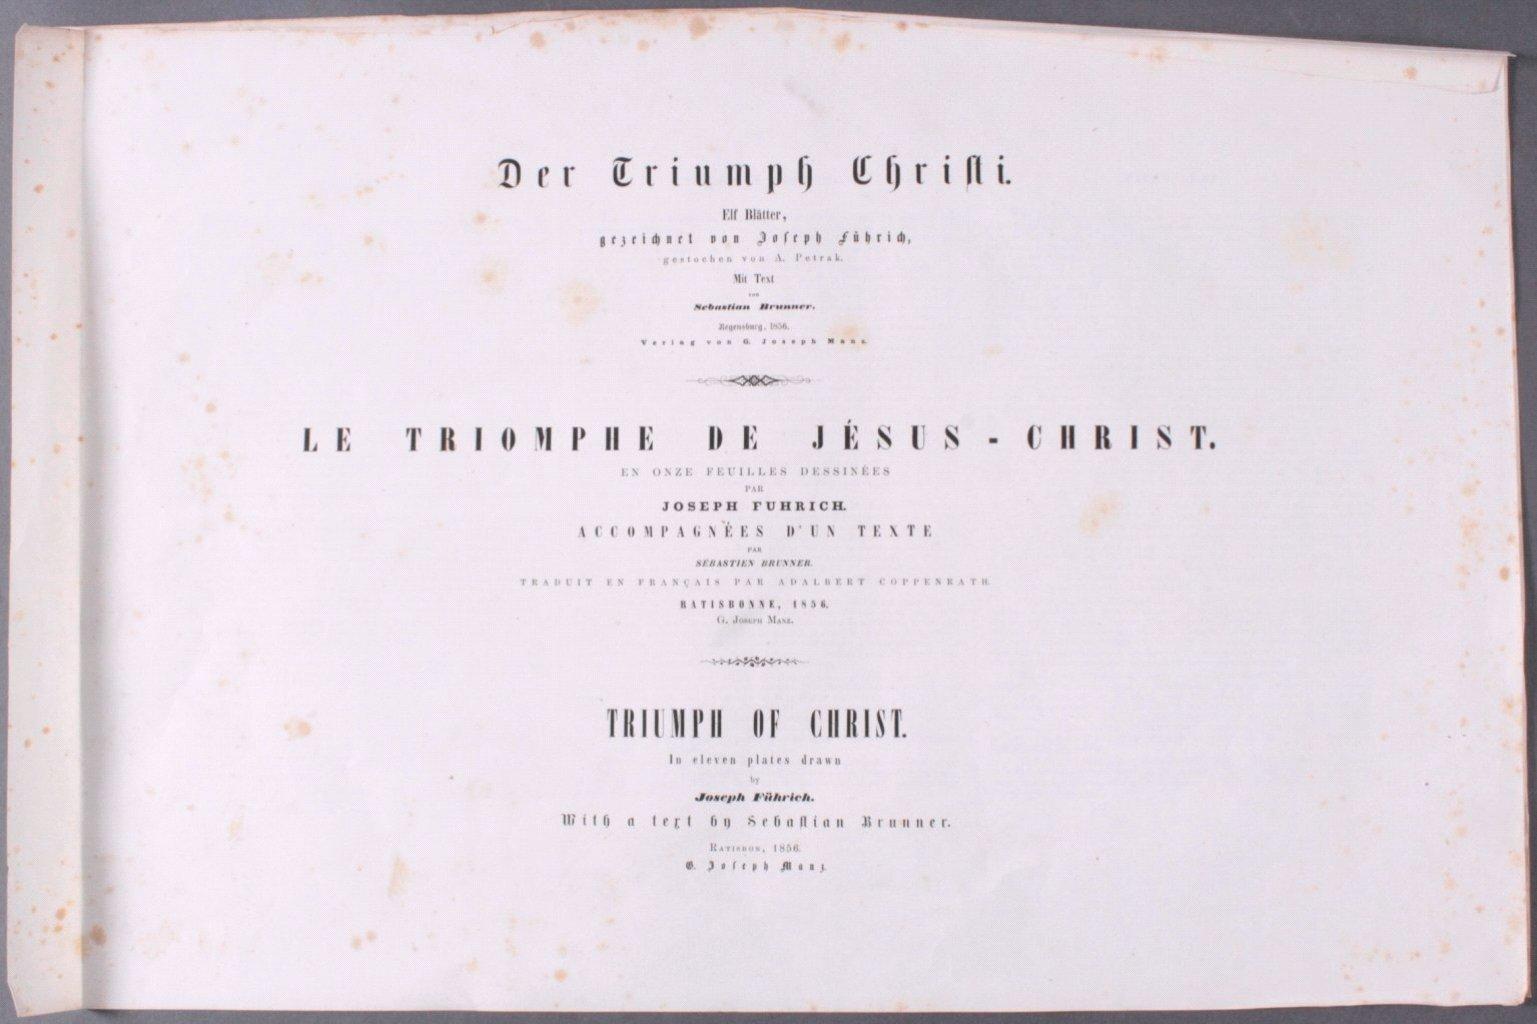 Der Triumph Christi von Joseph Führich, Ratisbon 1856-2